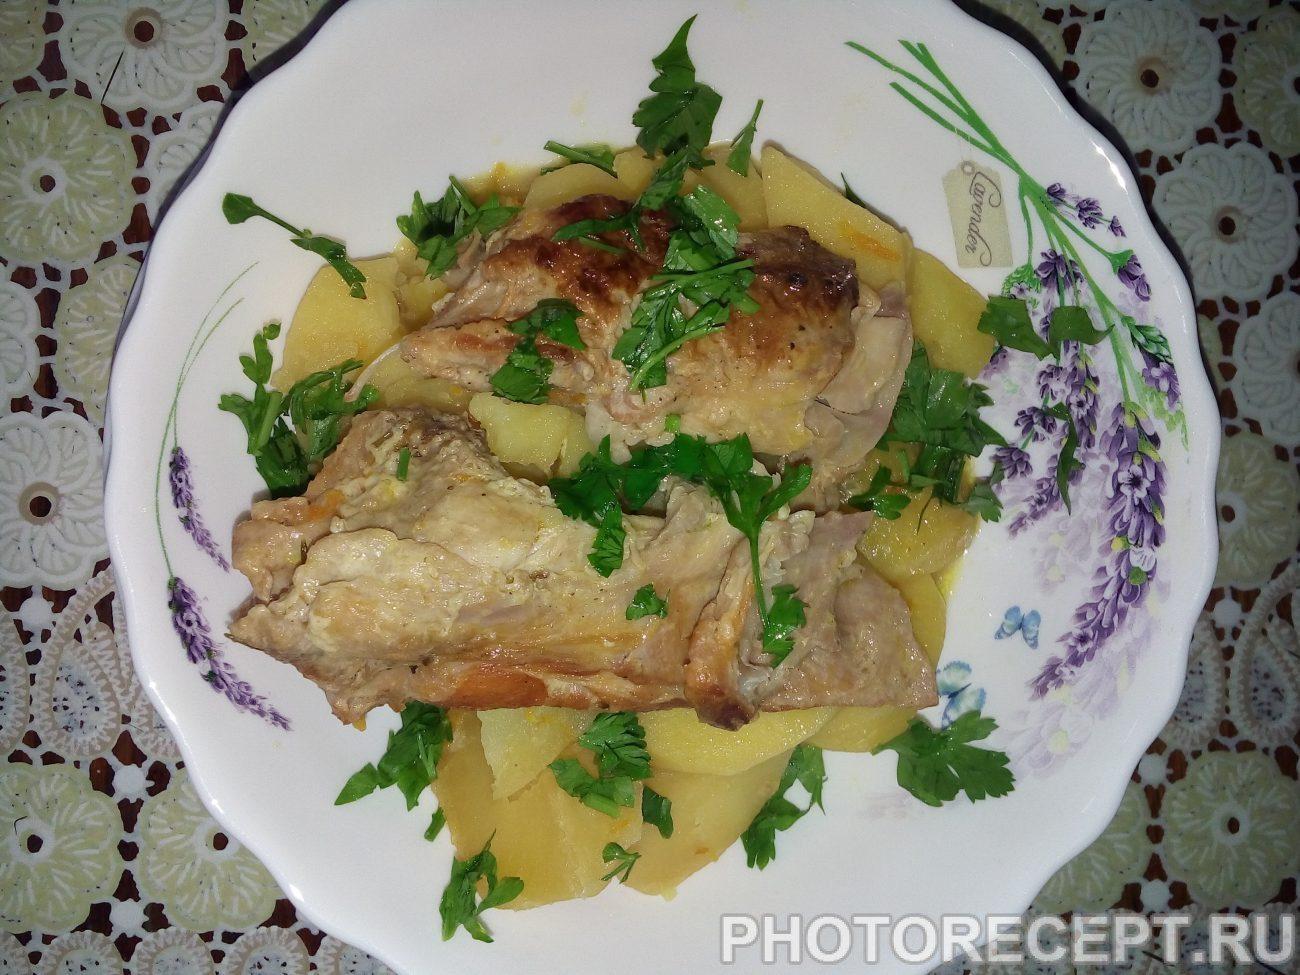 Тушеная картошка с мясом кролика в сметане